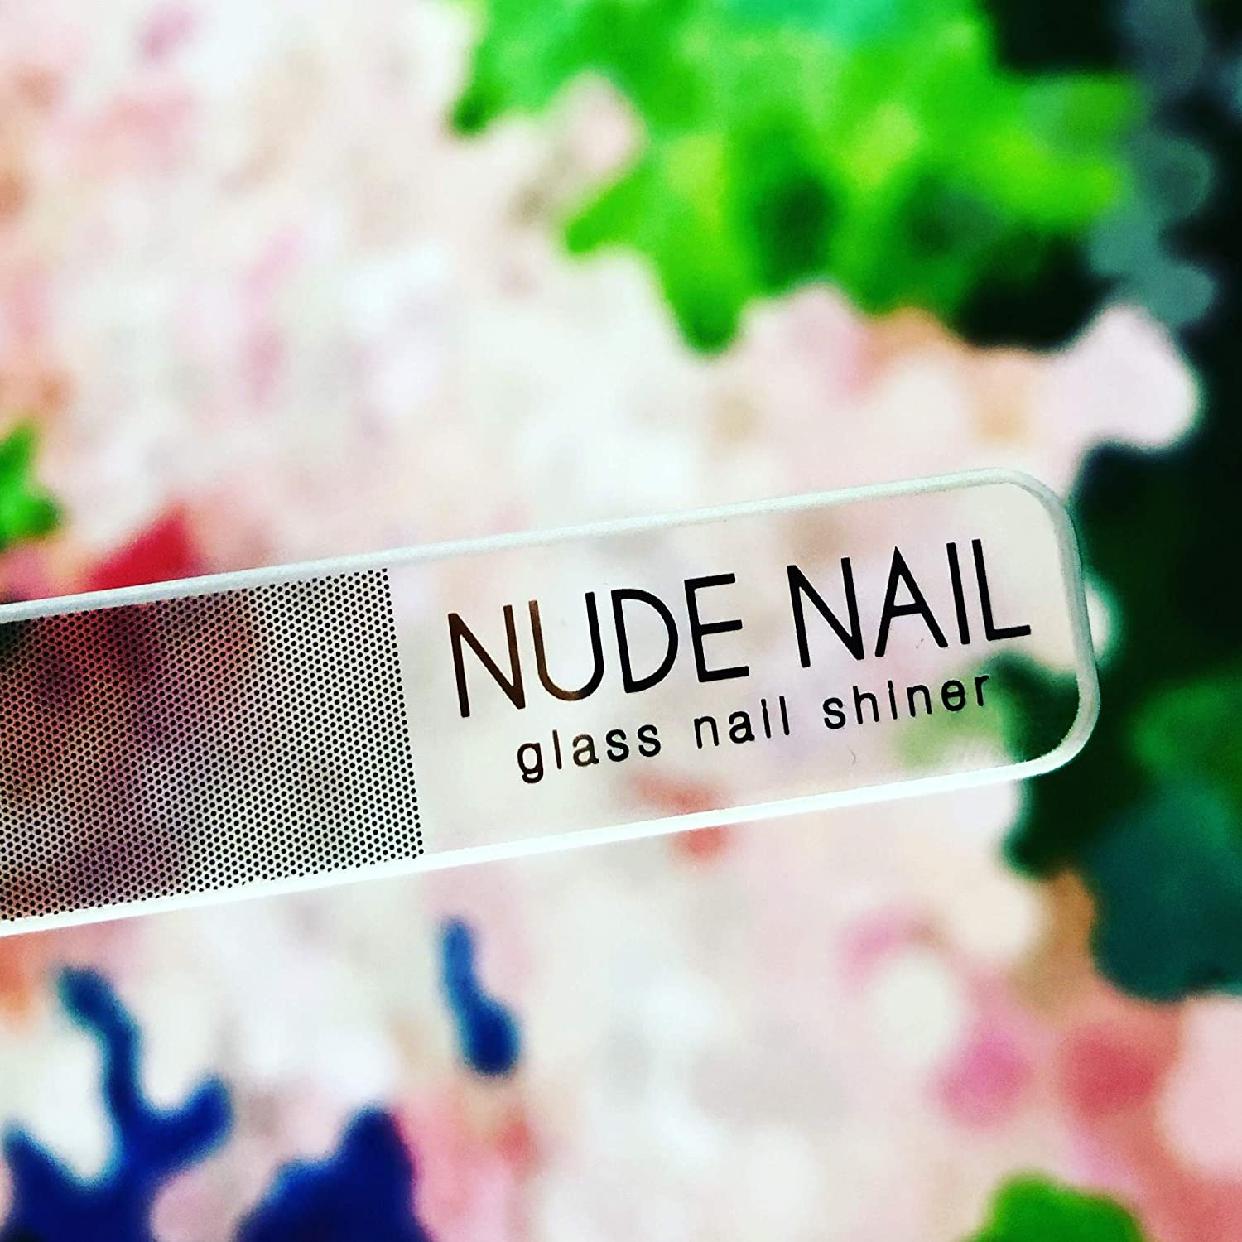 NUDE NAIL(ヌードネイル) ヌードネイル グラスネイルシャイナーの商品画像9